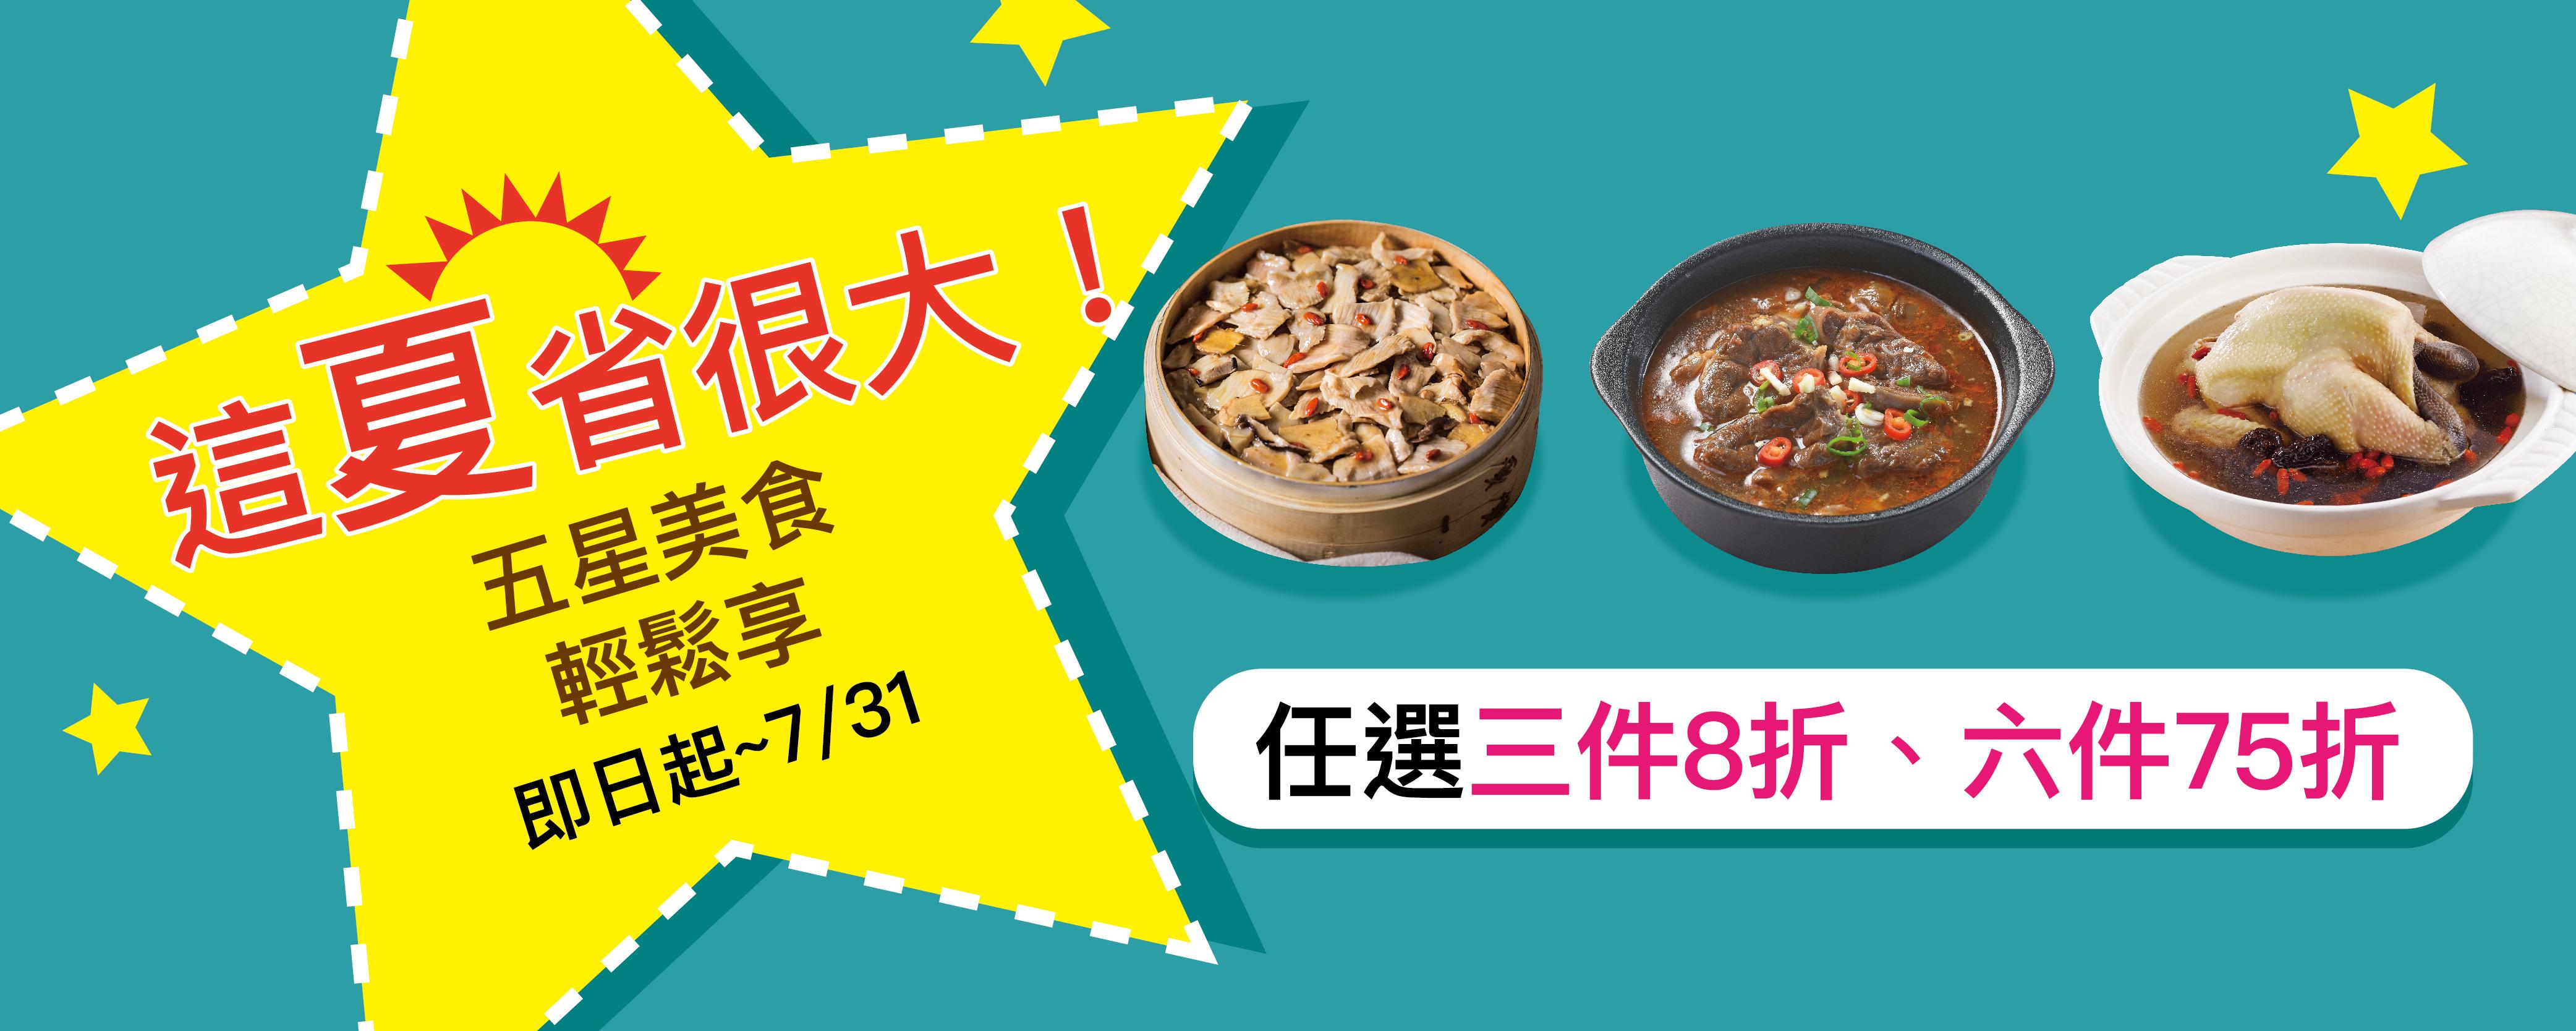 六福美饌 Leofood 任選3件8折 6件75折優惠